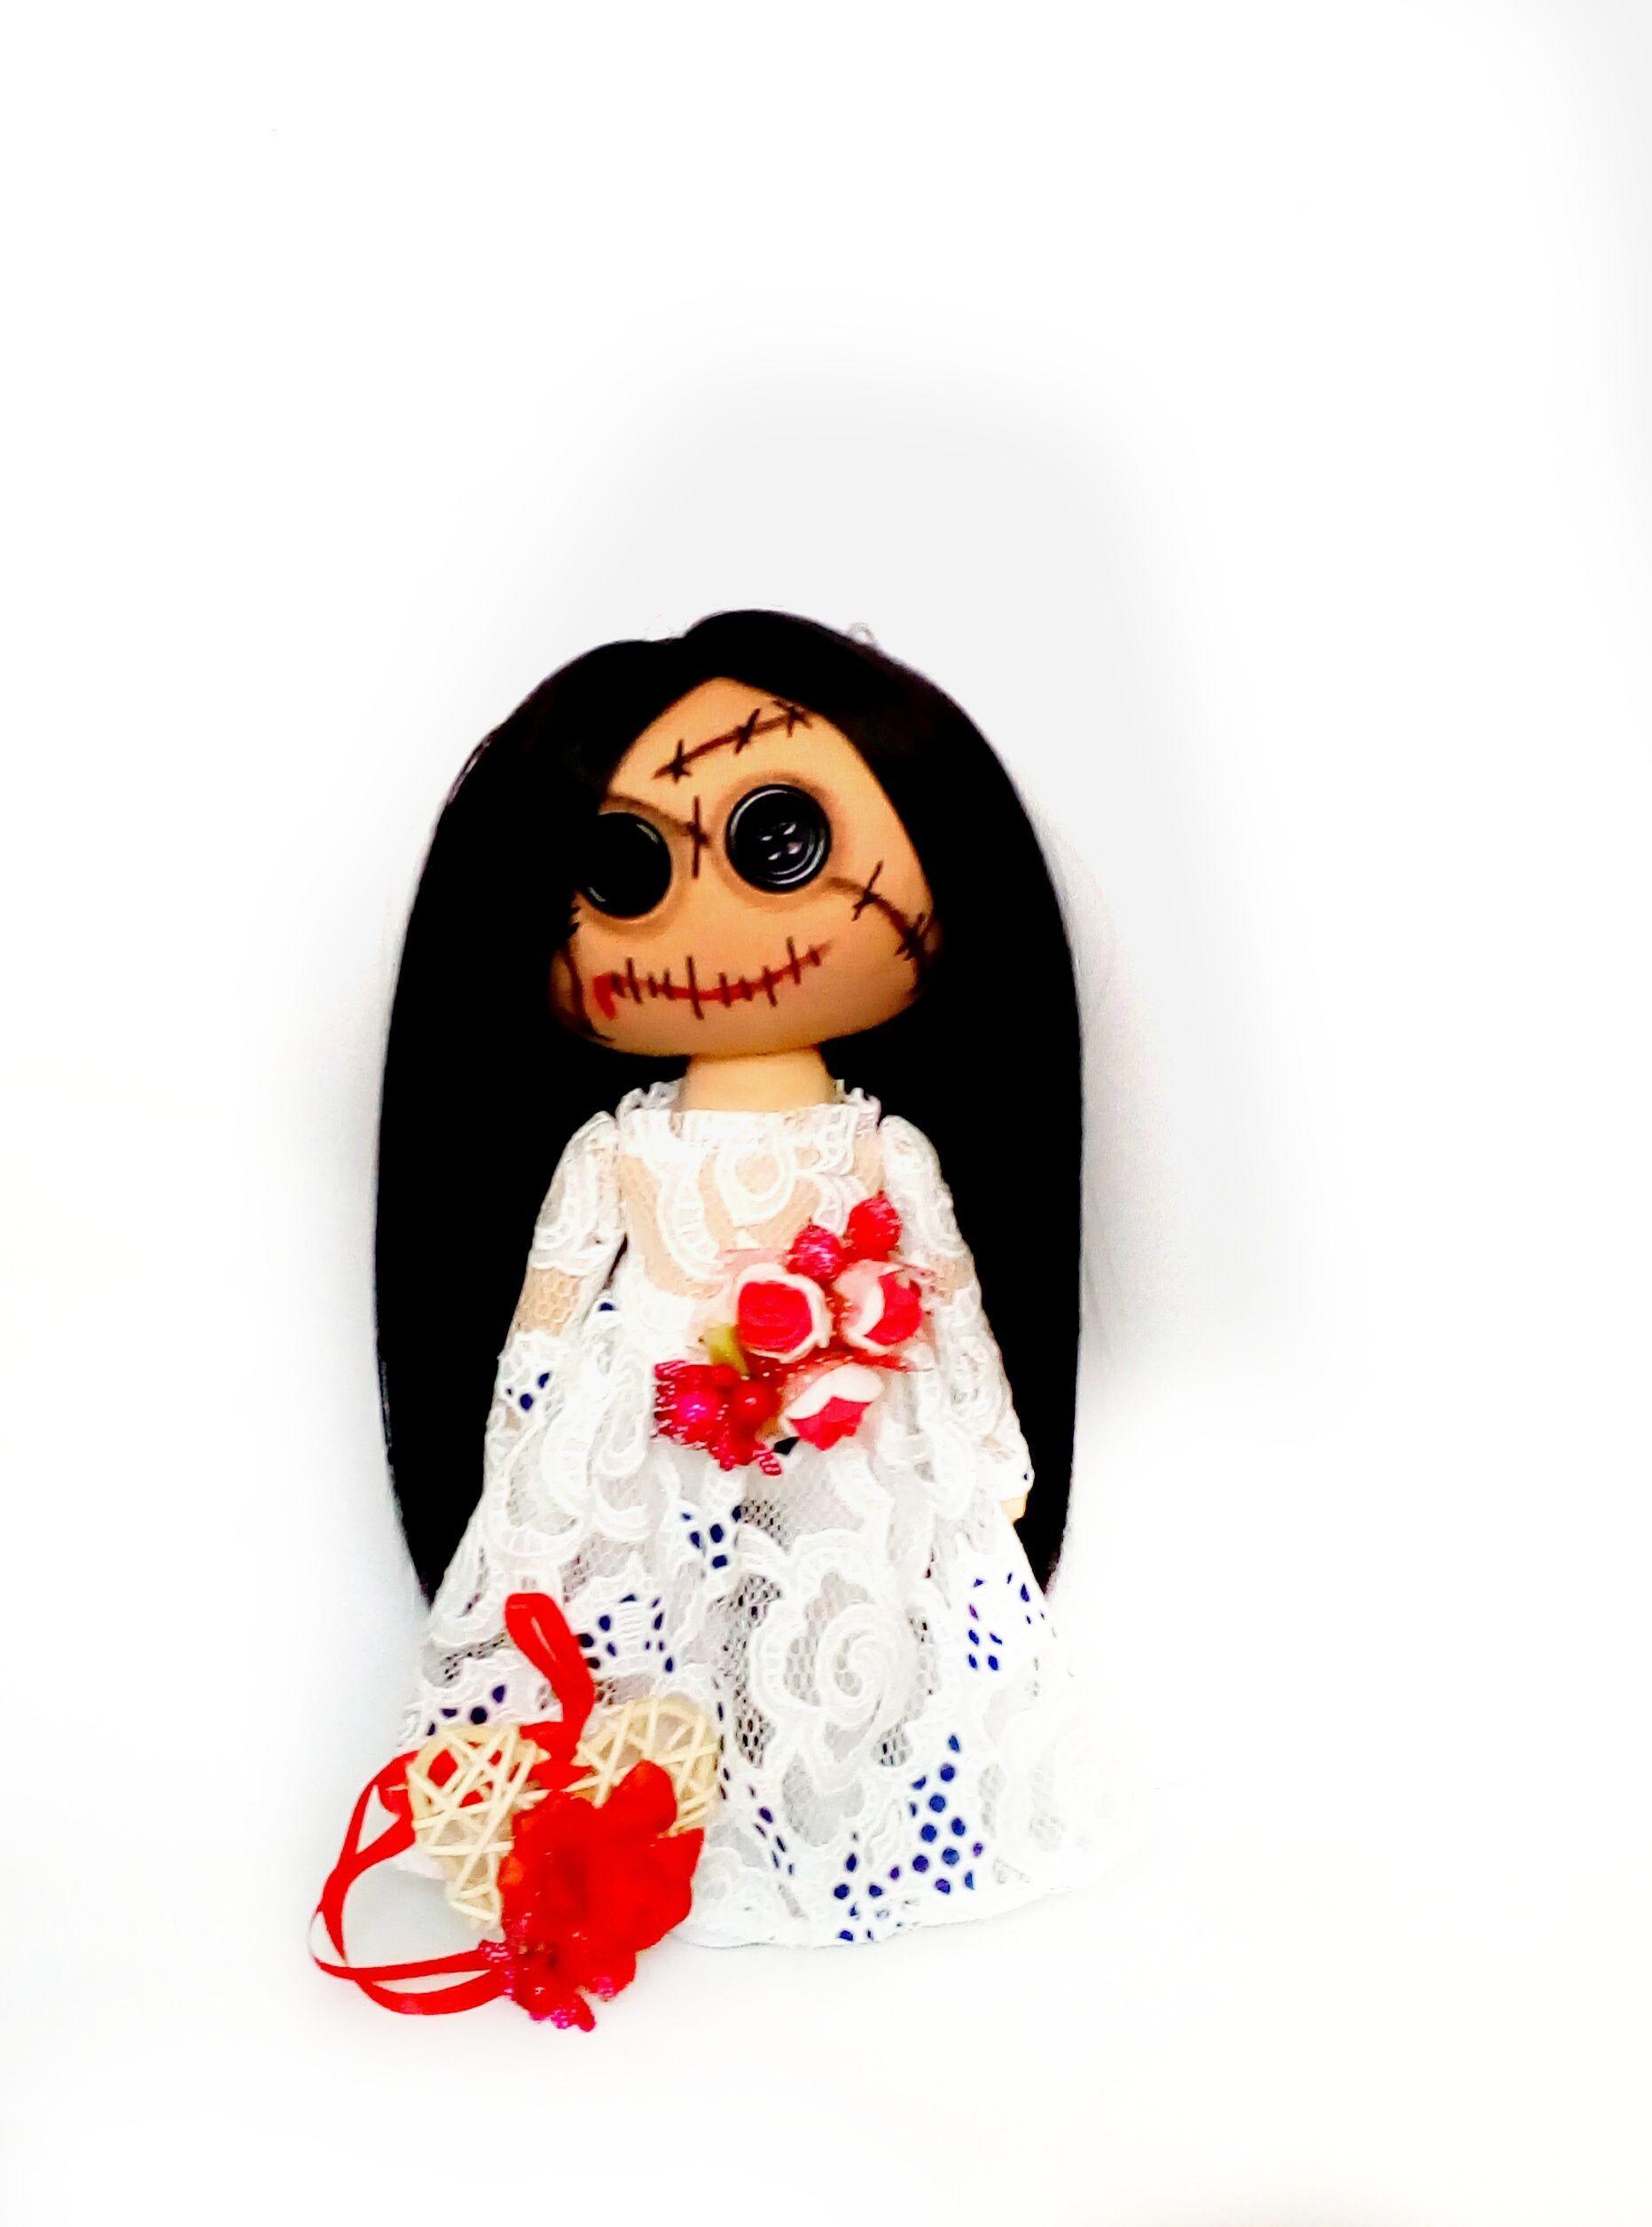 Creepy scary bride doll #bridedolls